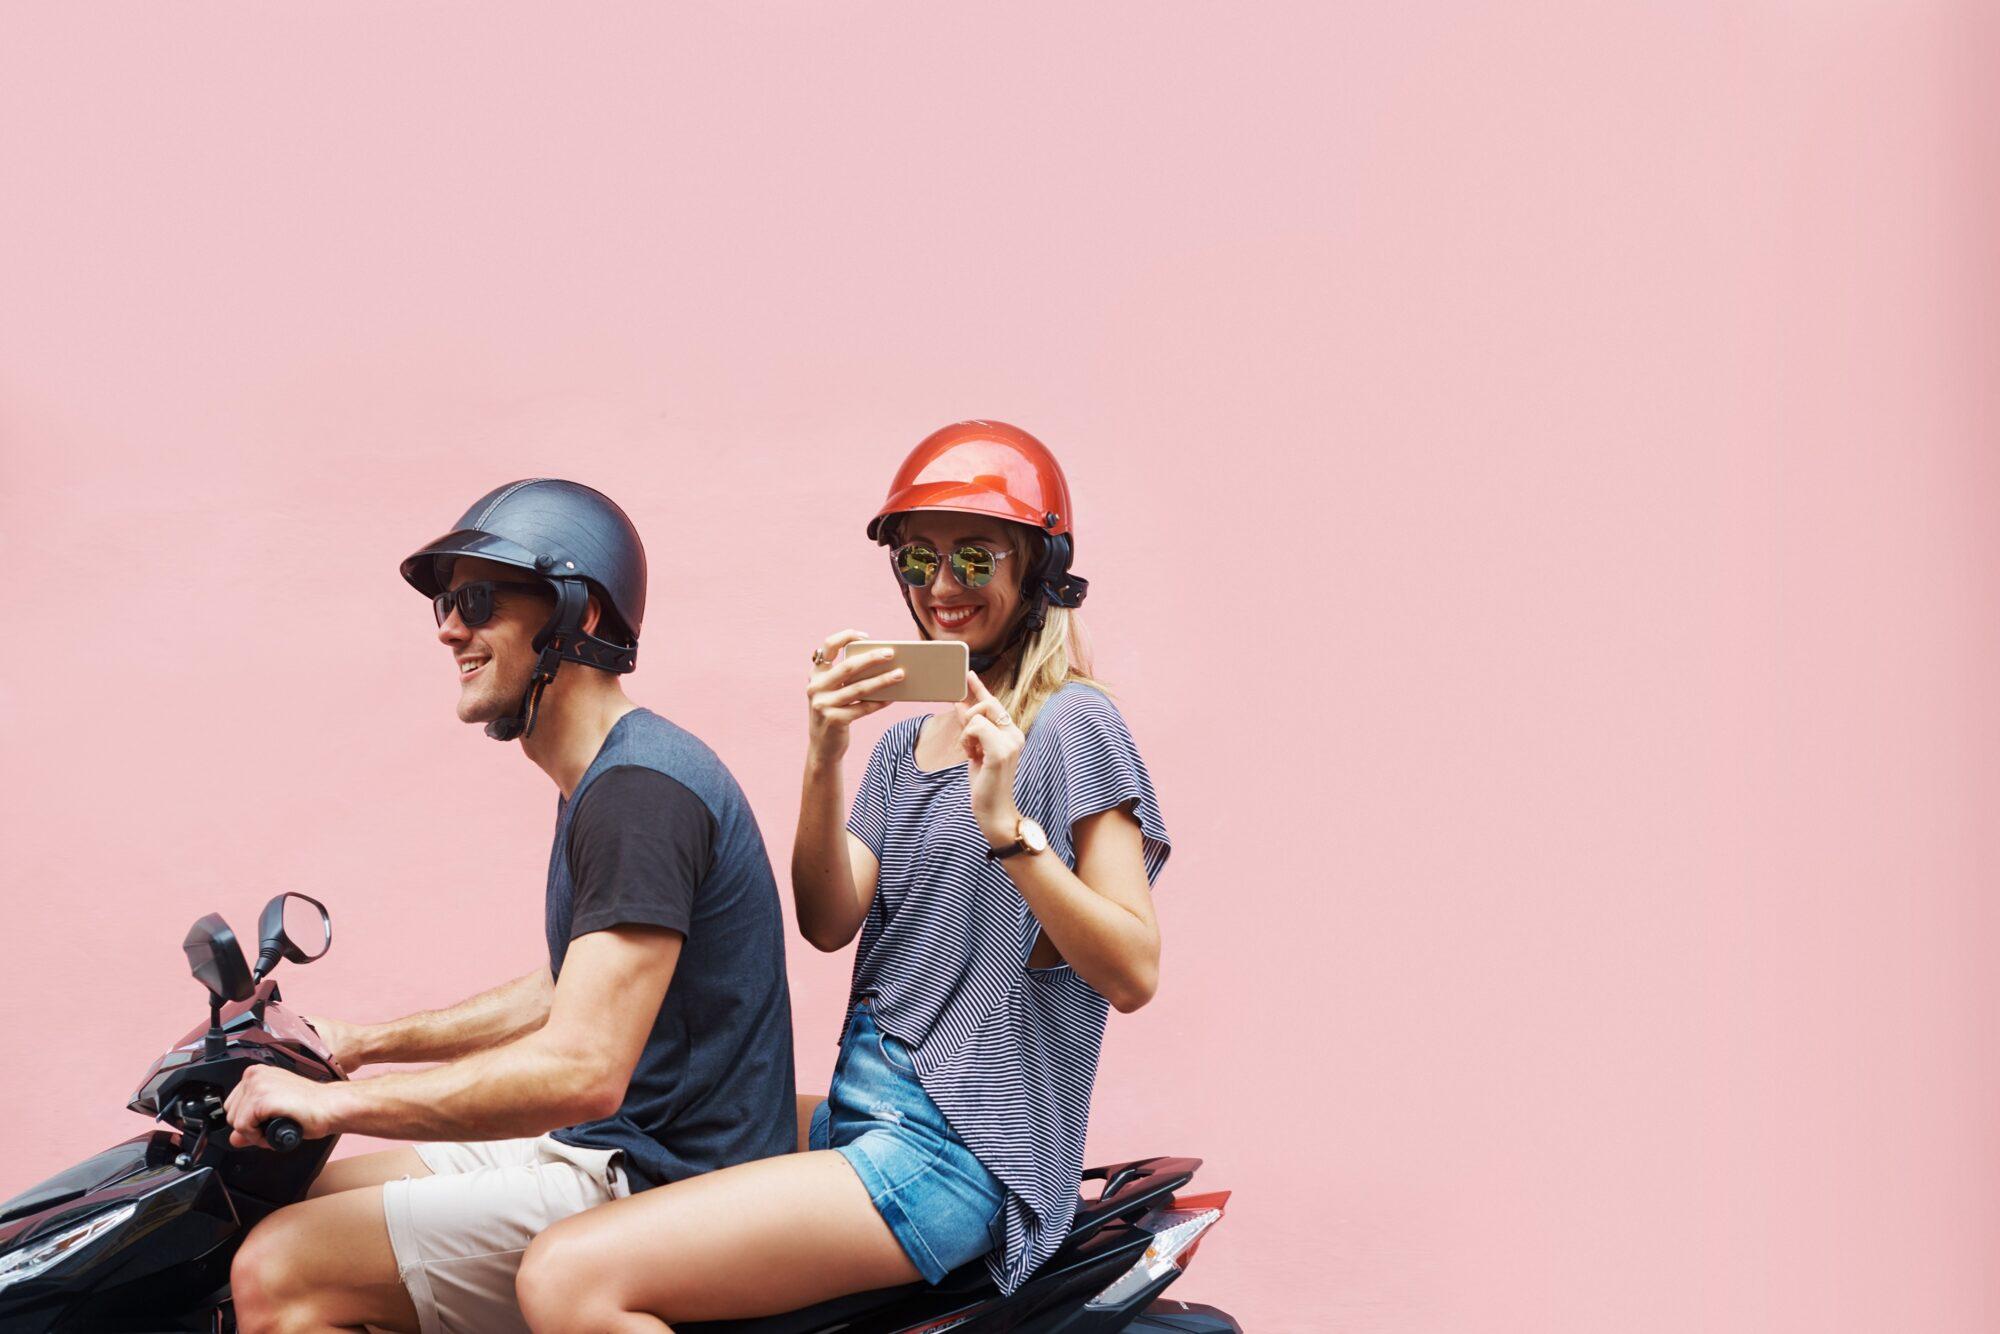 Vier op de vijf jonge scooterrijders rijden te hard